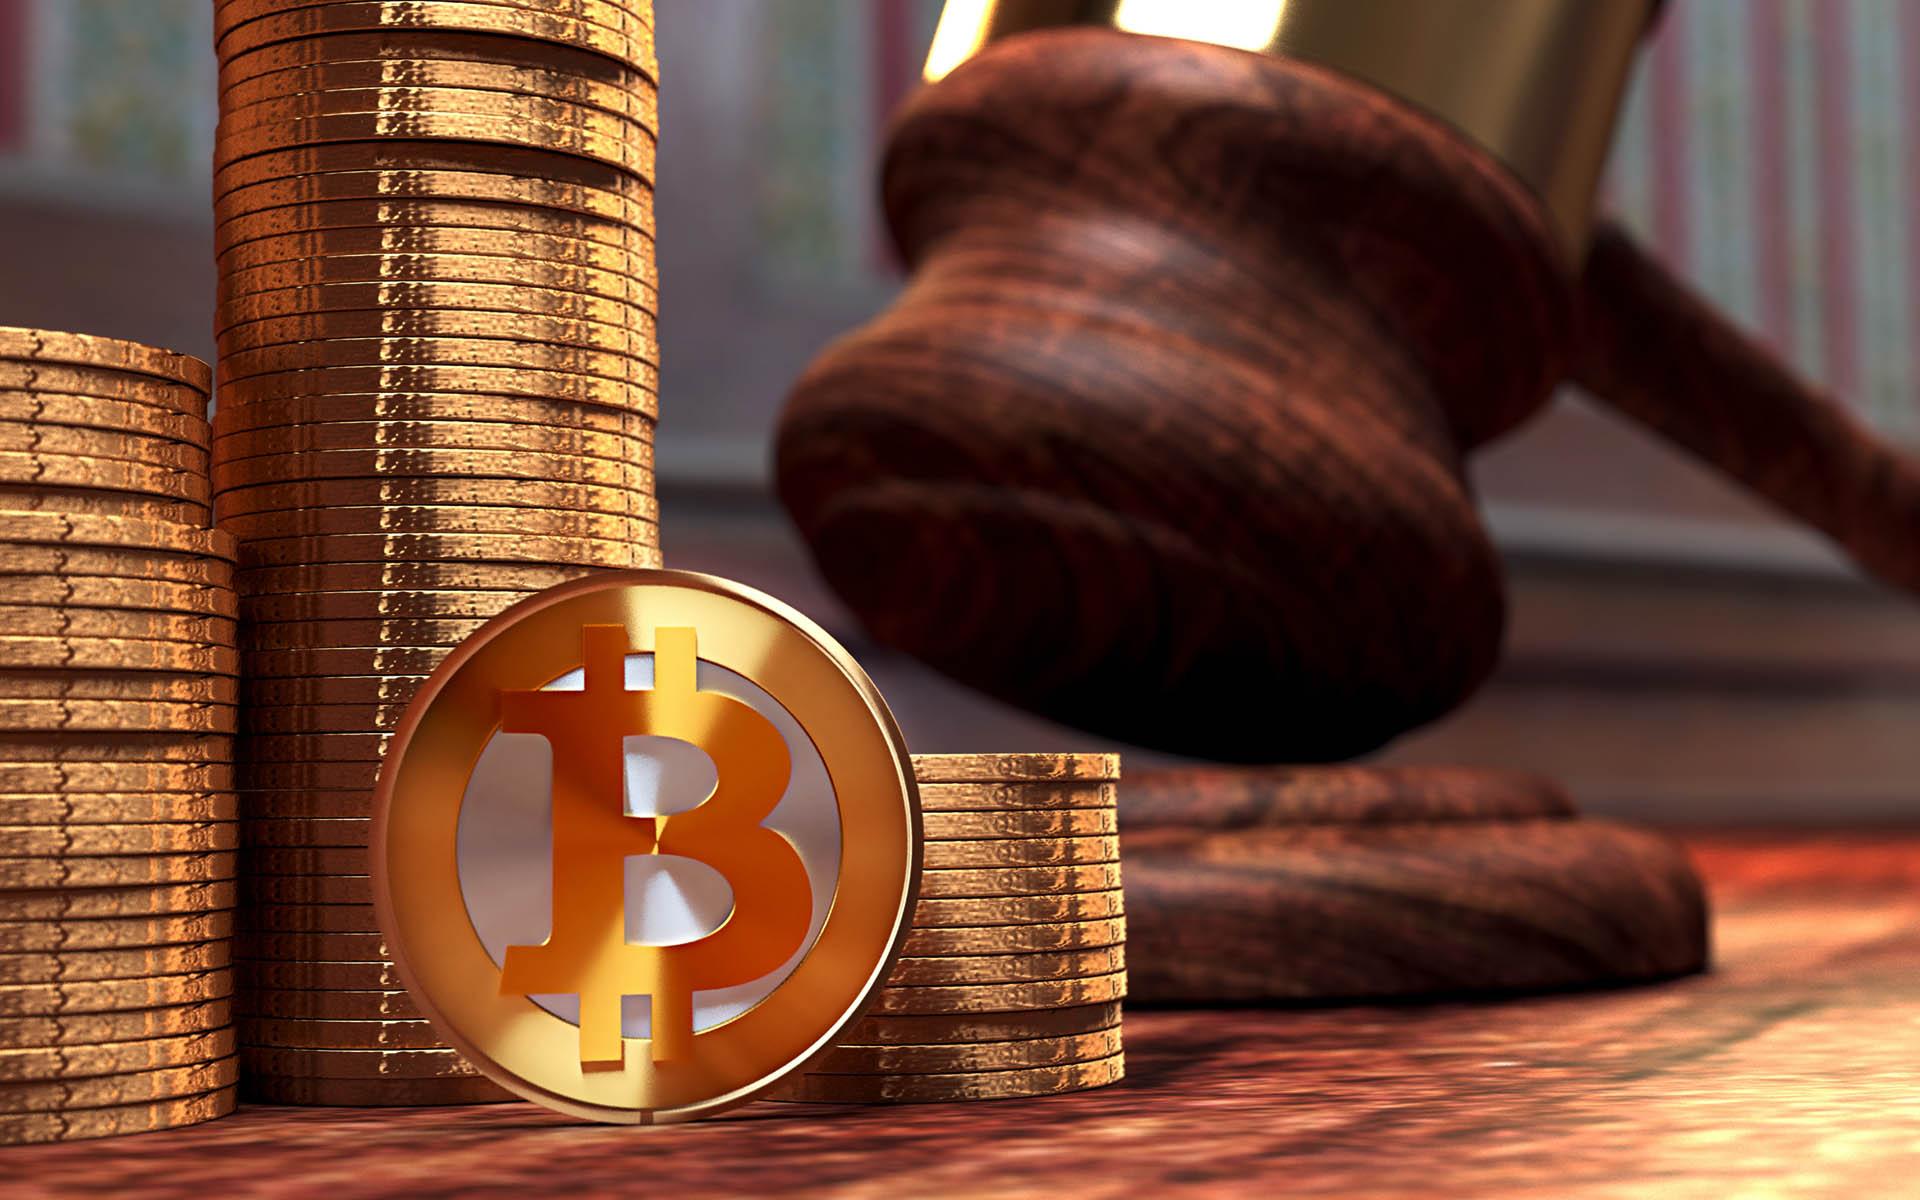 laws regarding cryptocurrencies